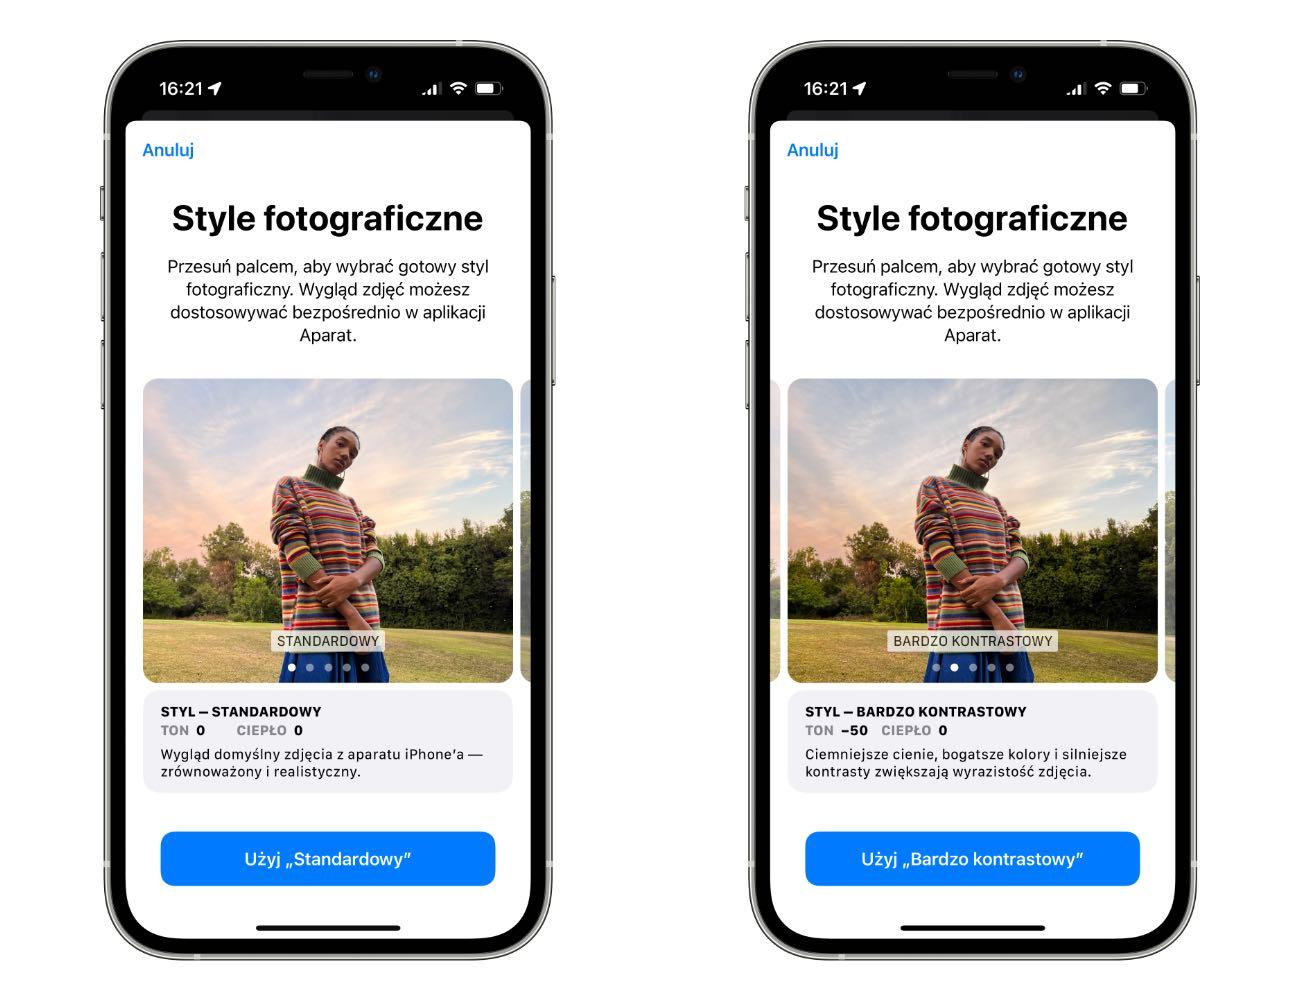 Style fotograficzne w iPhone 13 | 13 Pro - jak używać? ciekawostki style fotograficzne w iphone 13, style fotograficzne, jak uzywac style fotograficzne w iphone 13, iPhone 13 Pro, iPhone 13  Jedną z nowych funkcji, która pojawiła się w iPhone 13 | 13 Pro są style fotograficzne. Co to takiego i jak używać nowości? style 2